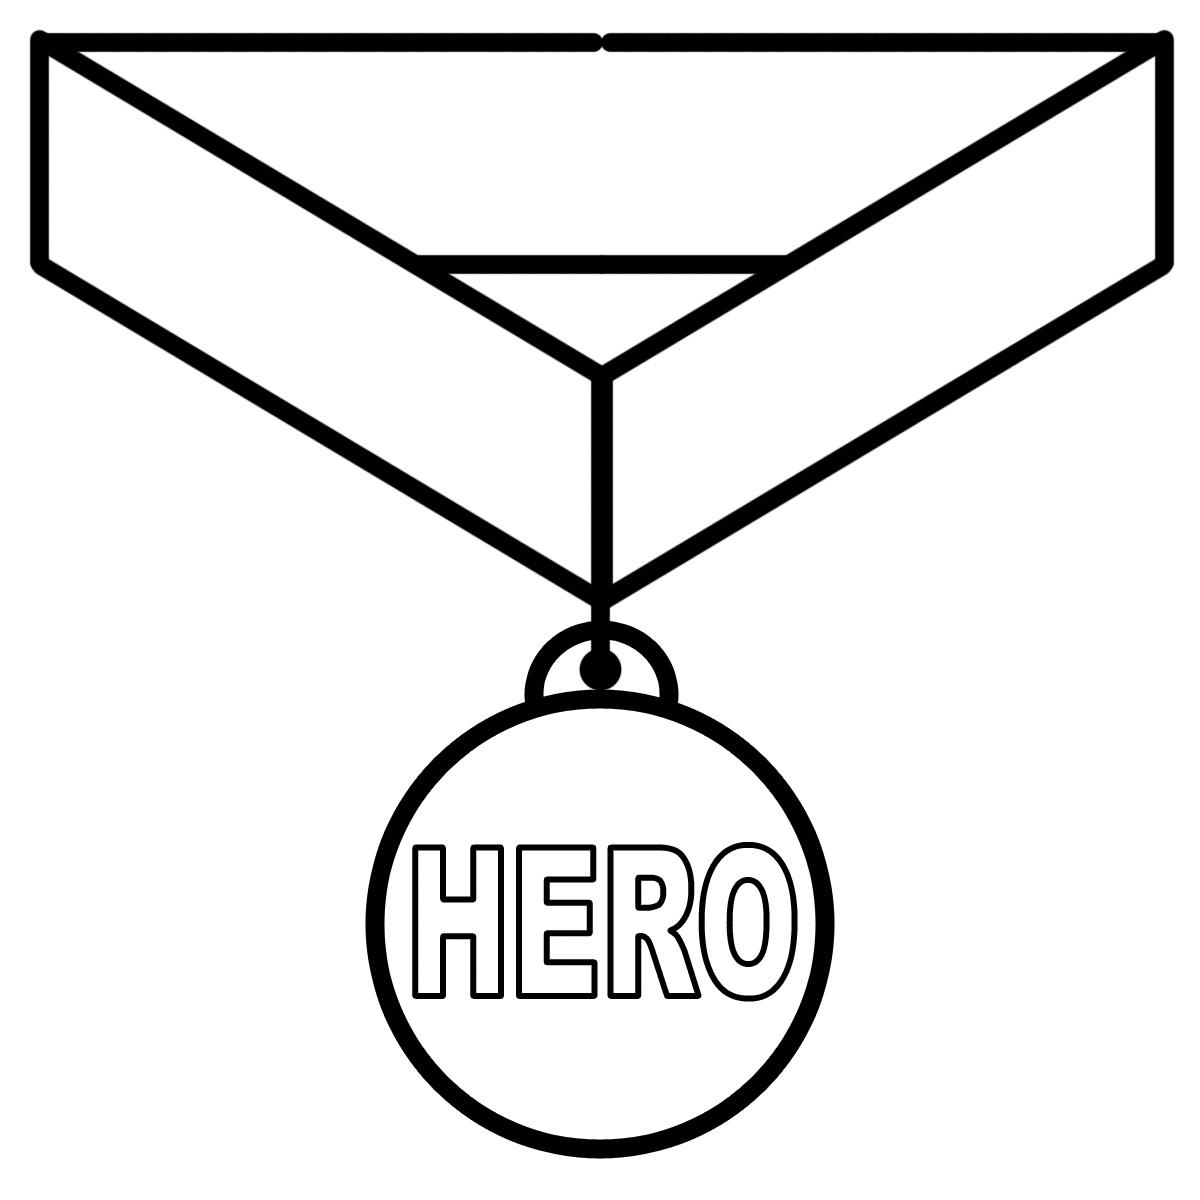 Hero Medal Clipart.